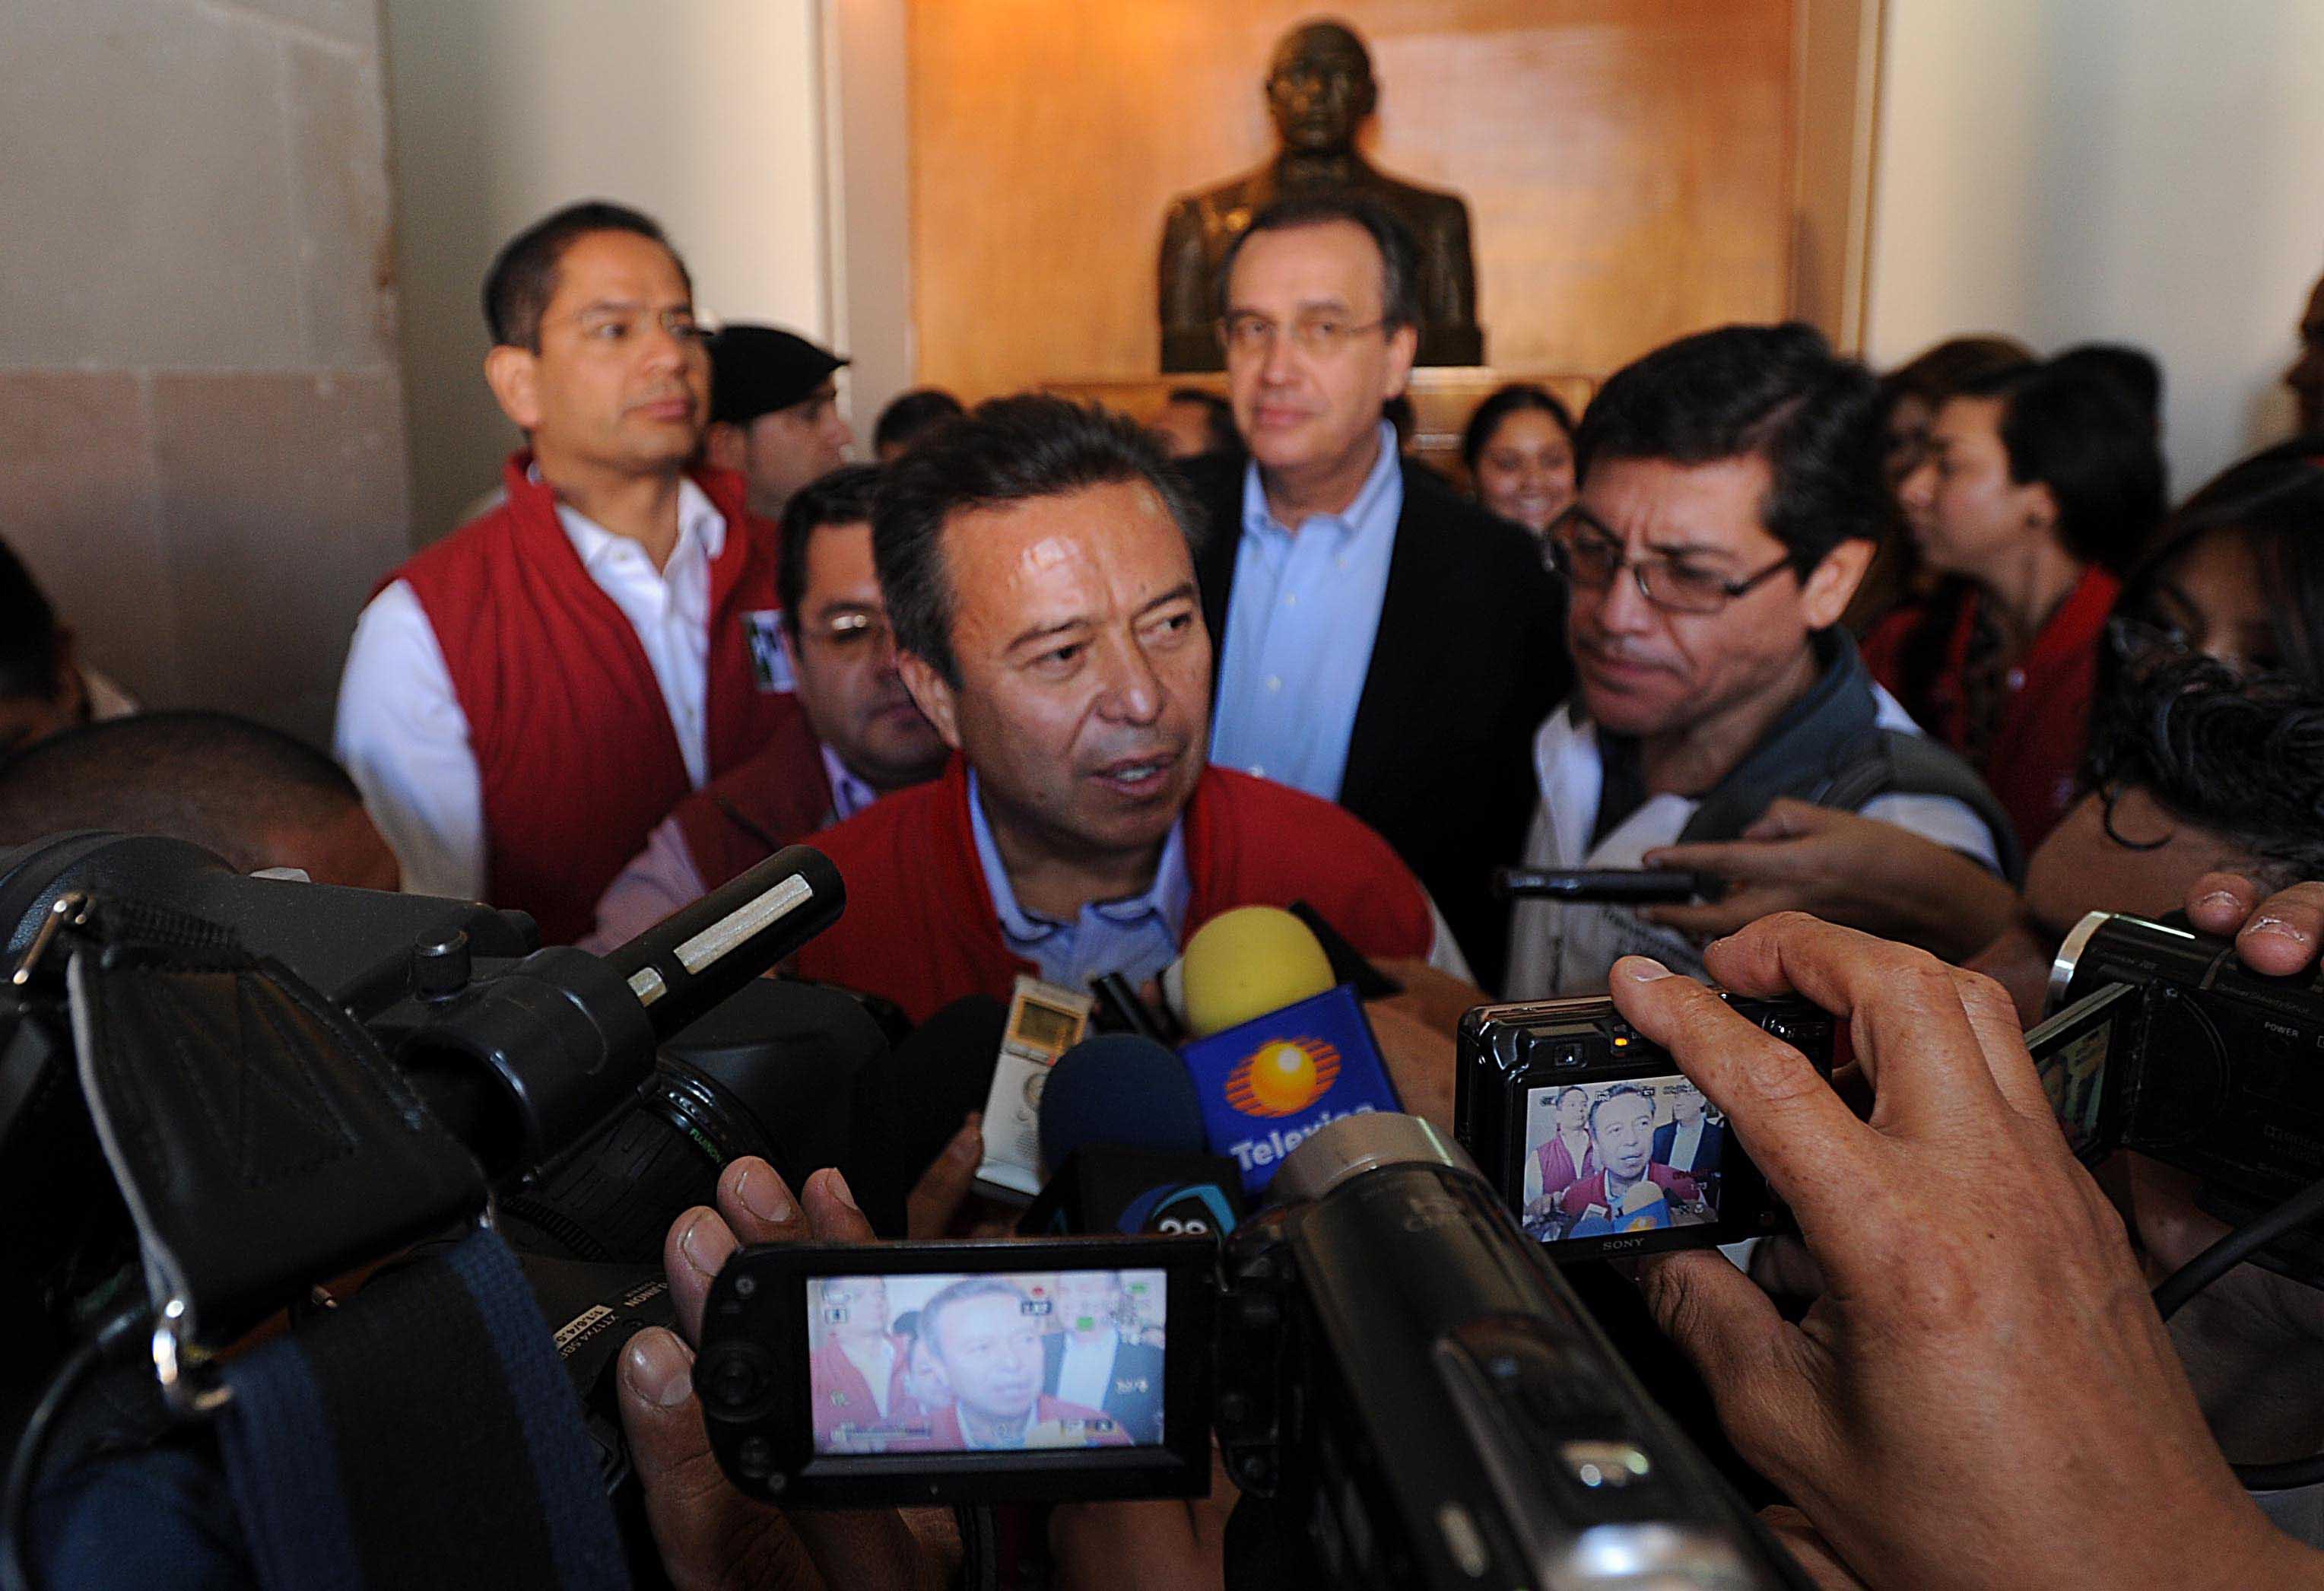 VERSIÓN ESTENOGRÁFICA DE LA ENTREVISTA QUE CONCEDIÓ EL DOCTOR CÉSAR CAMACHO, PRESIDENTE DEL COMITÉ EJECUTIVO NACIONAL DEL PARTIDO REVOLUCIONARIO INSTITUCIONAL, POSTERIOR A LA PRIMERA SESIÓN PRESENCIAL DE LA SEGUNDA GENERACIÓN DE LA ESCUELA NACIONAL DE CUADROS, QUE SE LLEVÓ A CABO EN EL TEATRO DE LA REPÚBLICA.